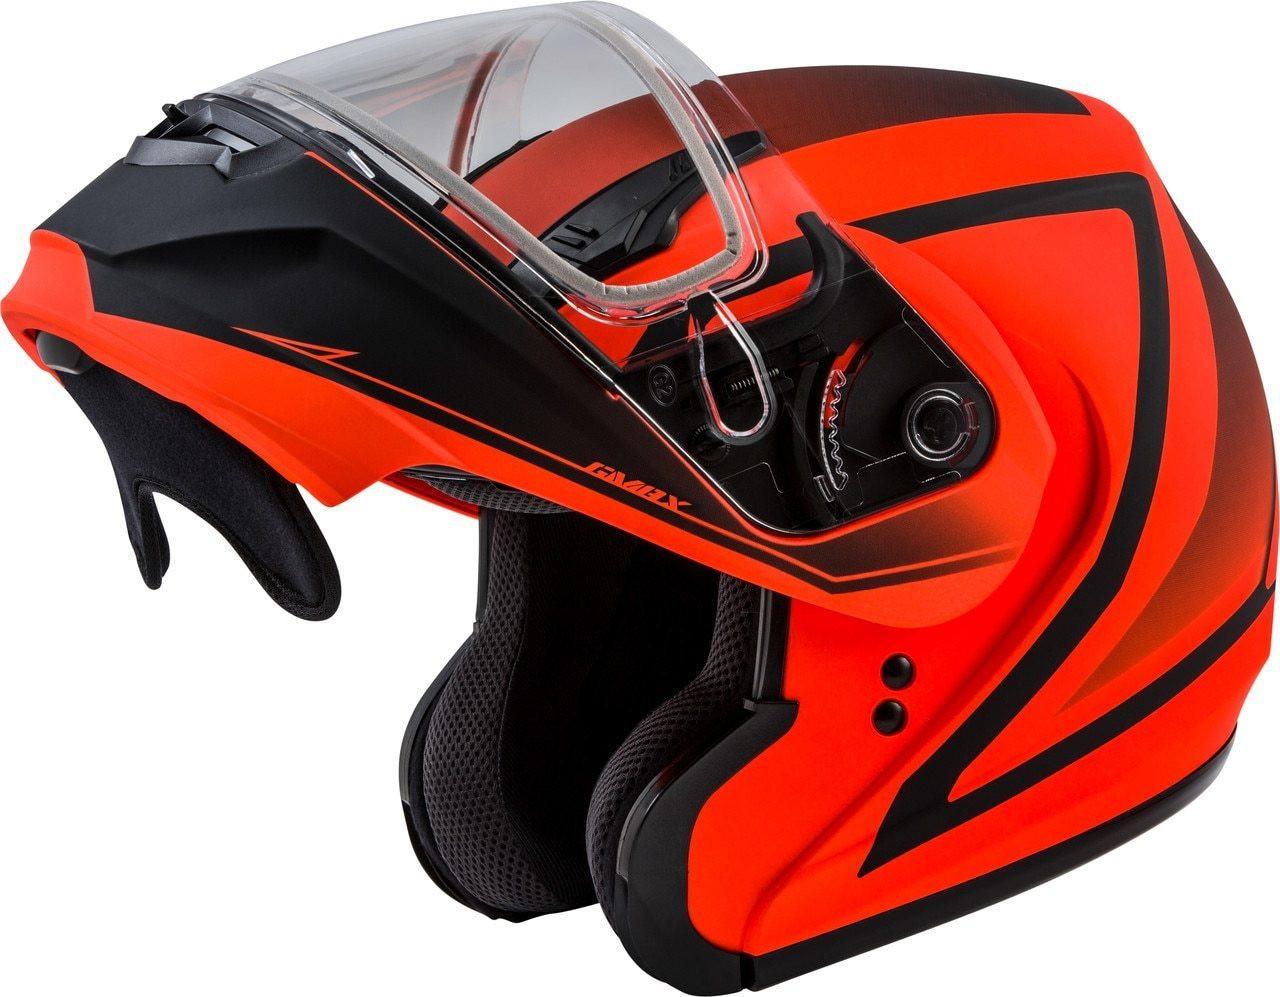 GMAX MD-04S Docket Snow Helmet Matte Hi-Vis Orange/Black